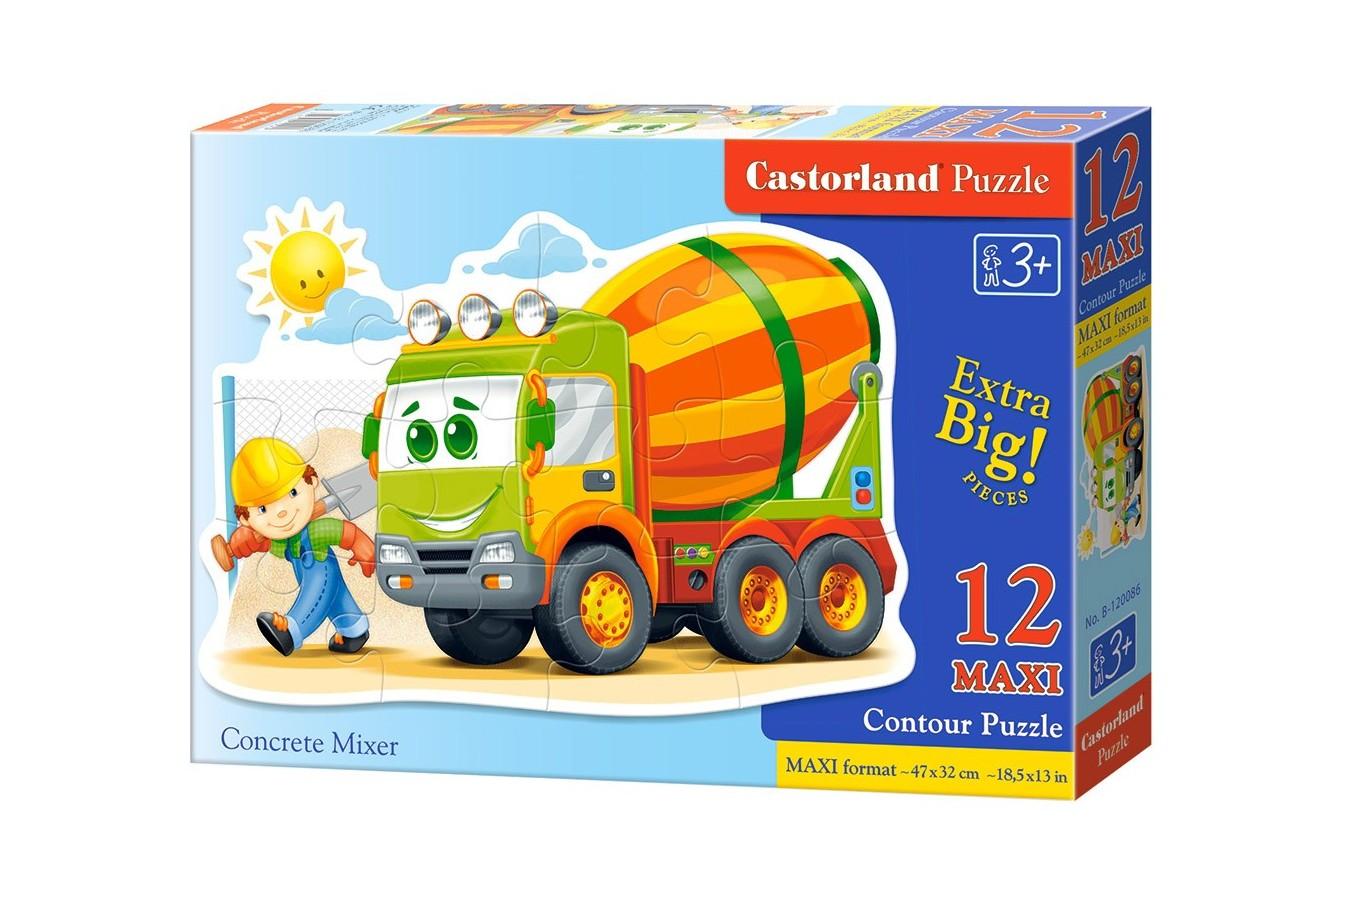 Puzzle Castorland - Concrete Mixer, 12 piese MAXI